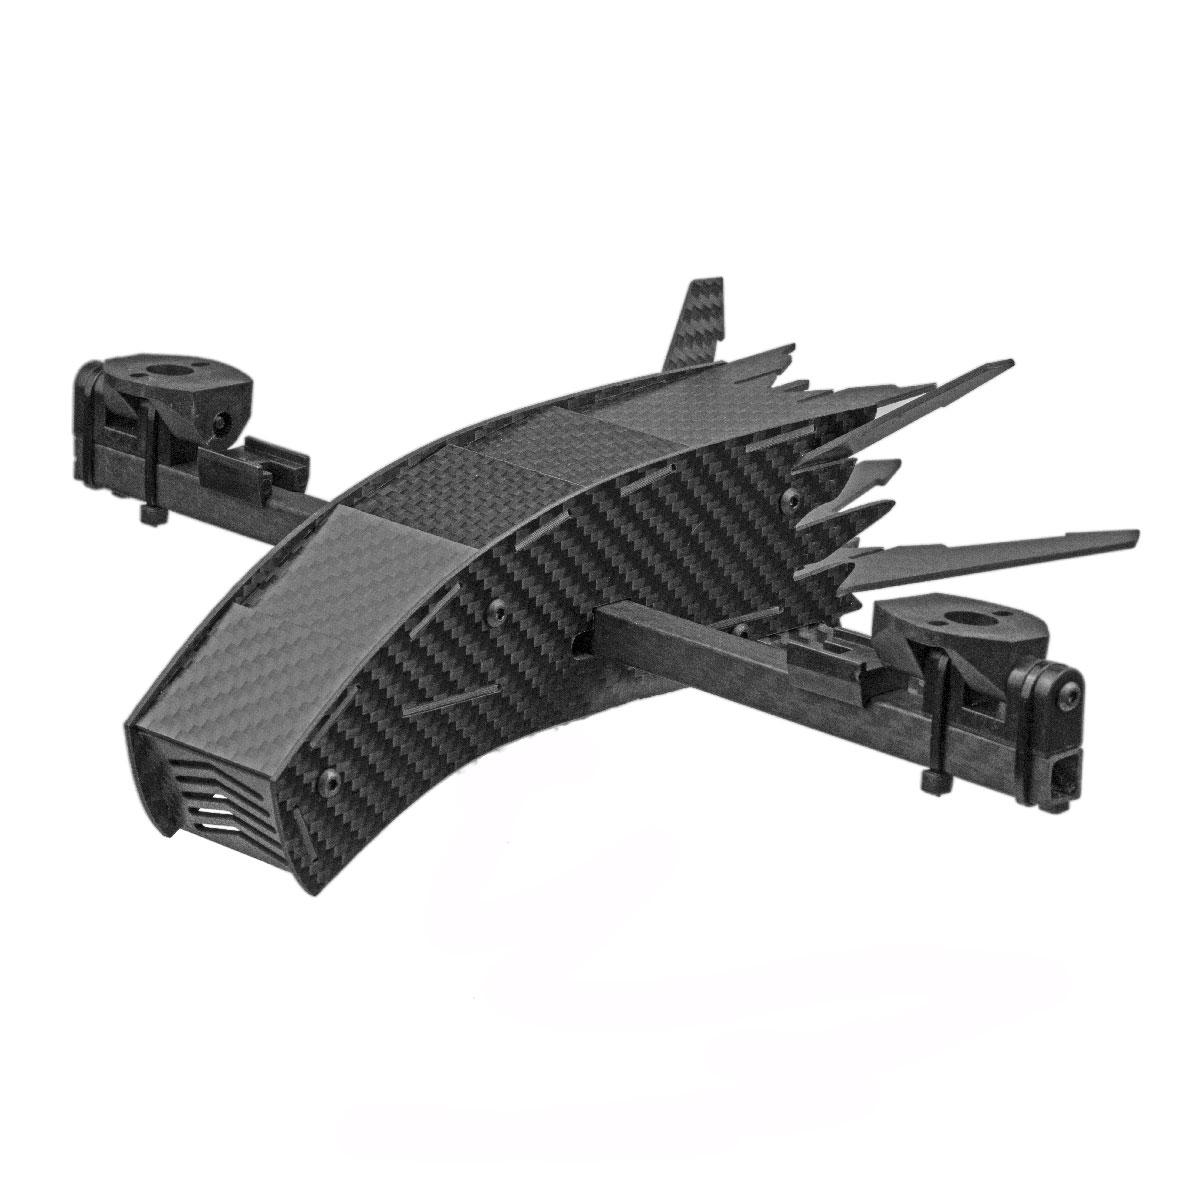 Bicopter kit